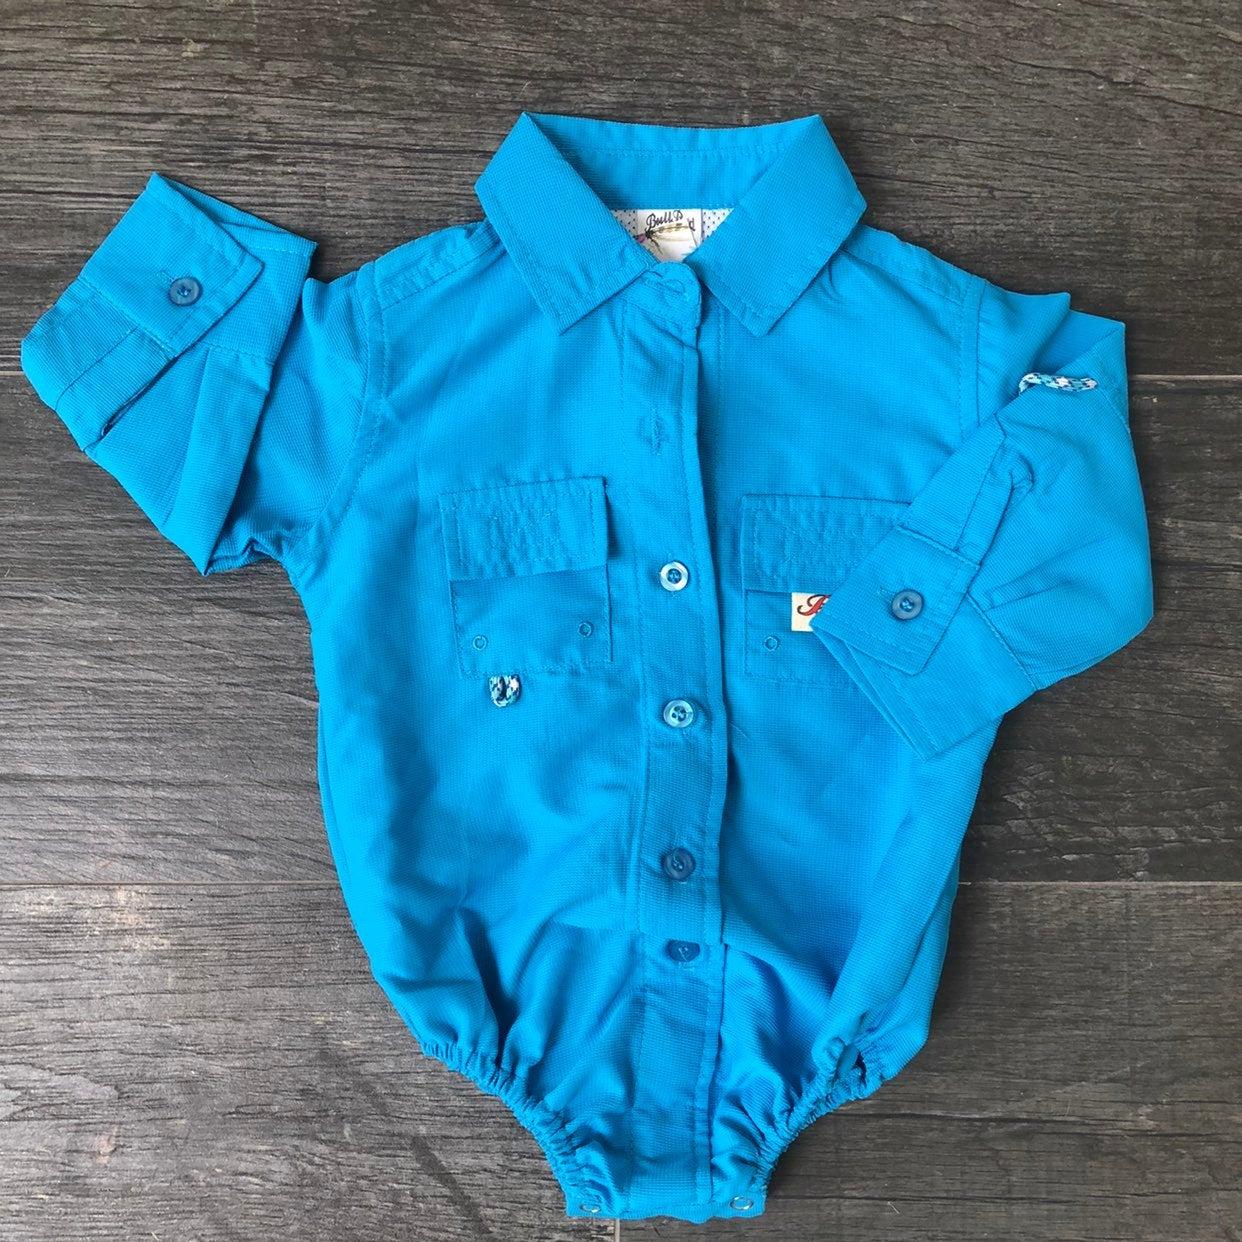 Baby fishing shirt onesie